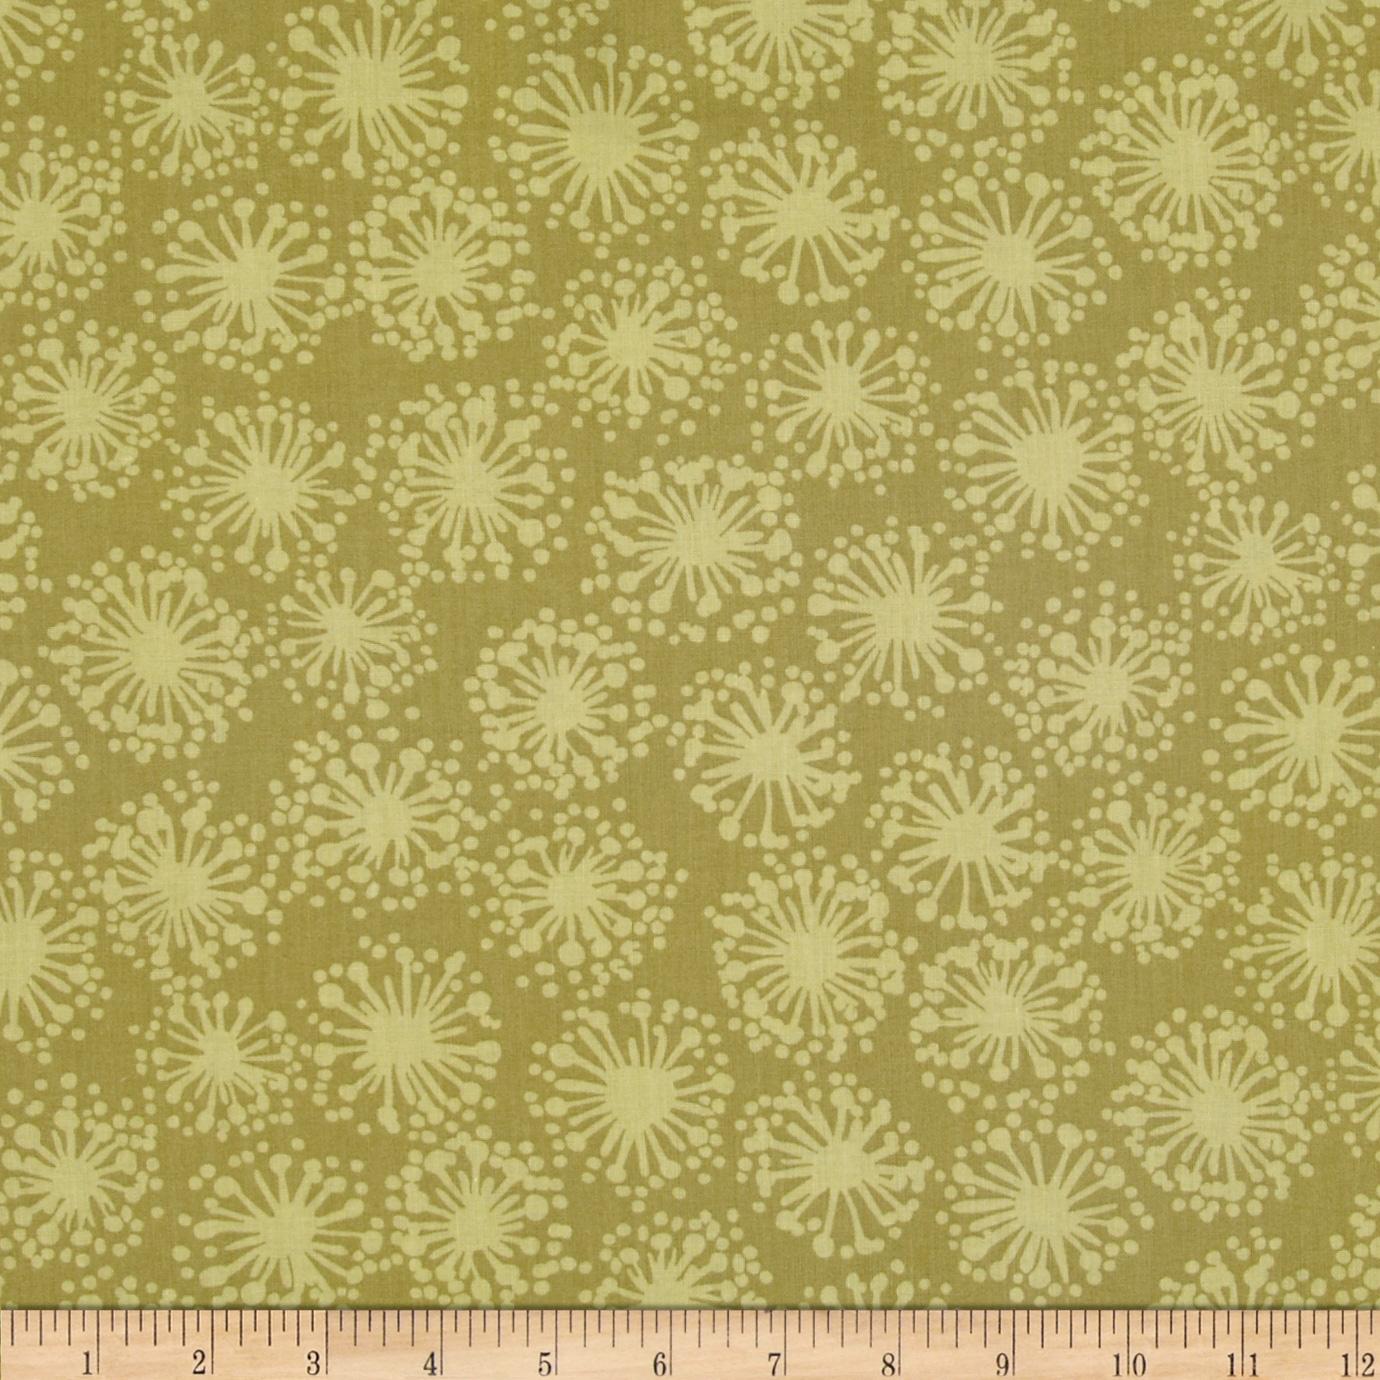 Hab-i-tat Dandelion Dark Olive Fabric By The Yard